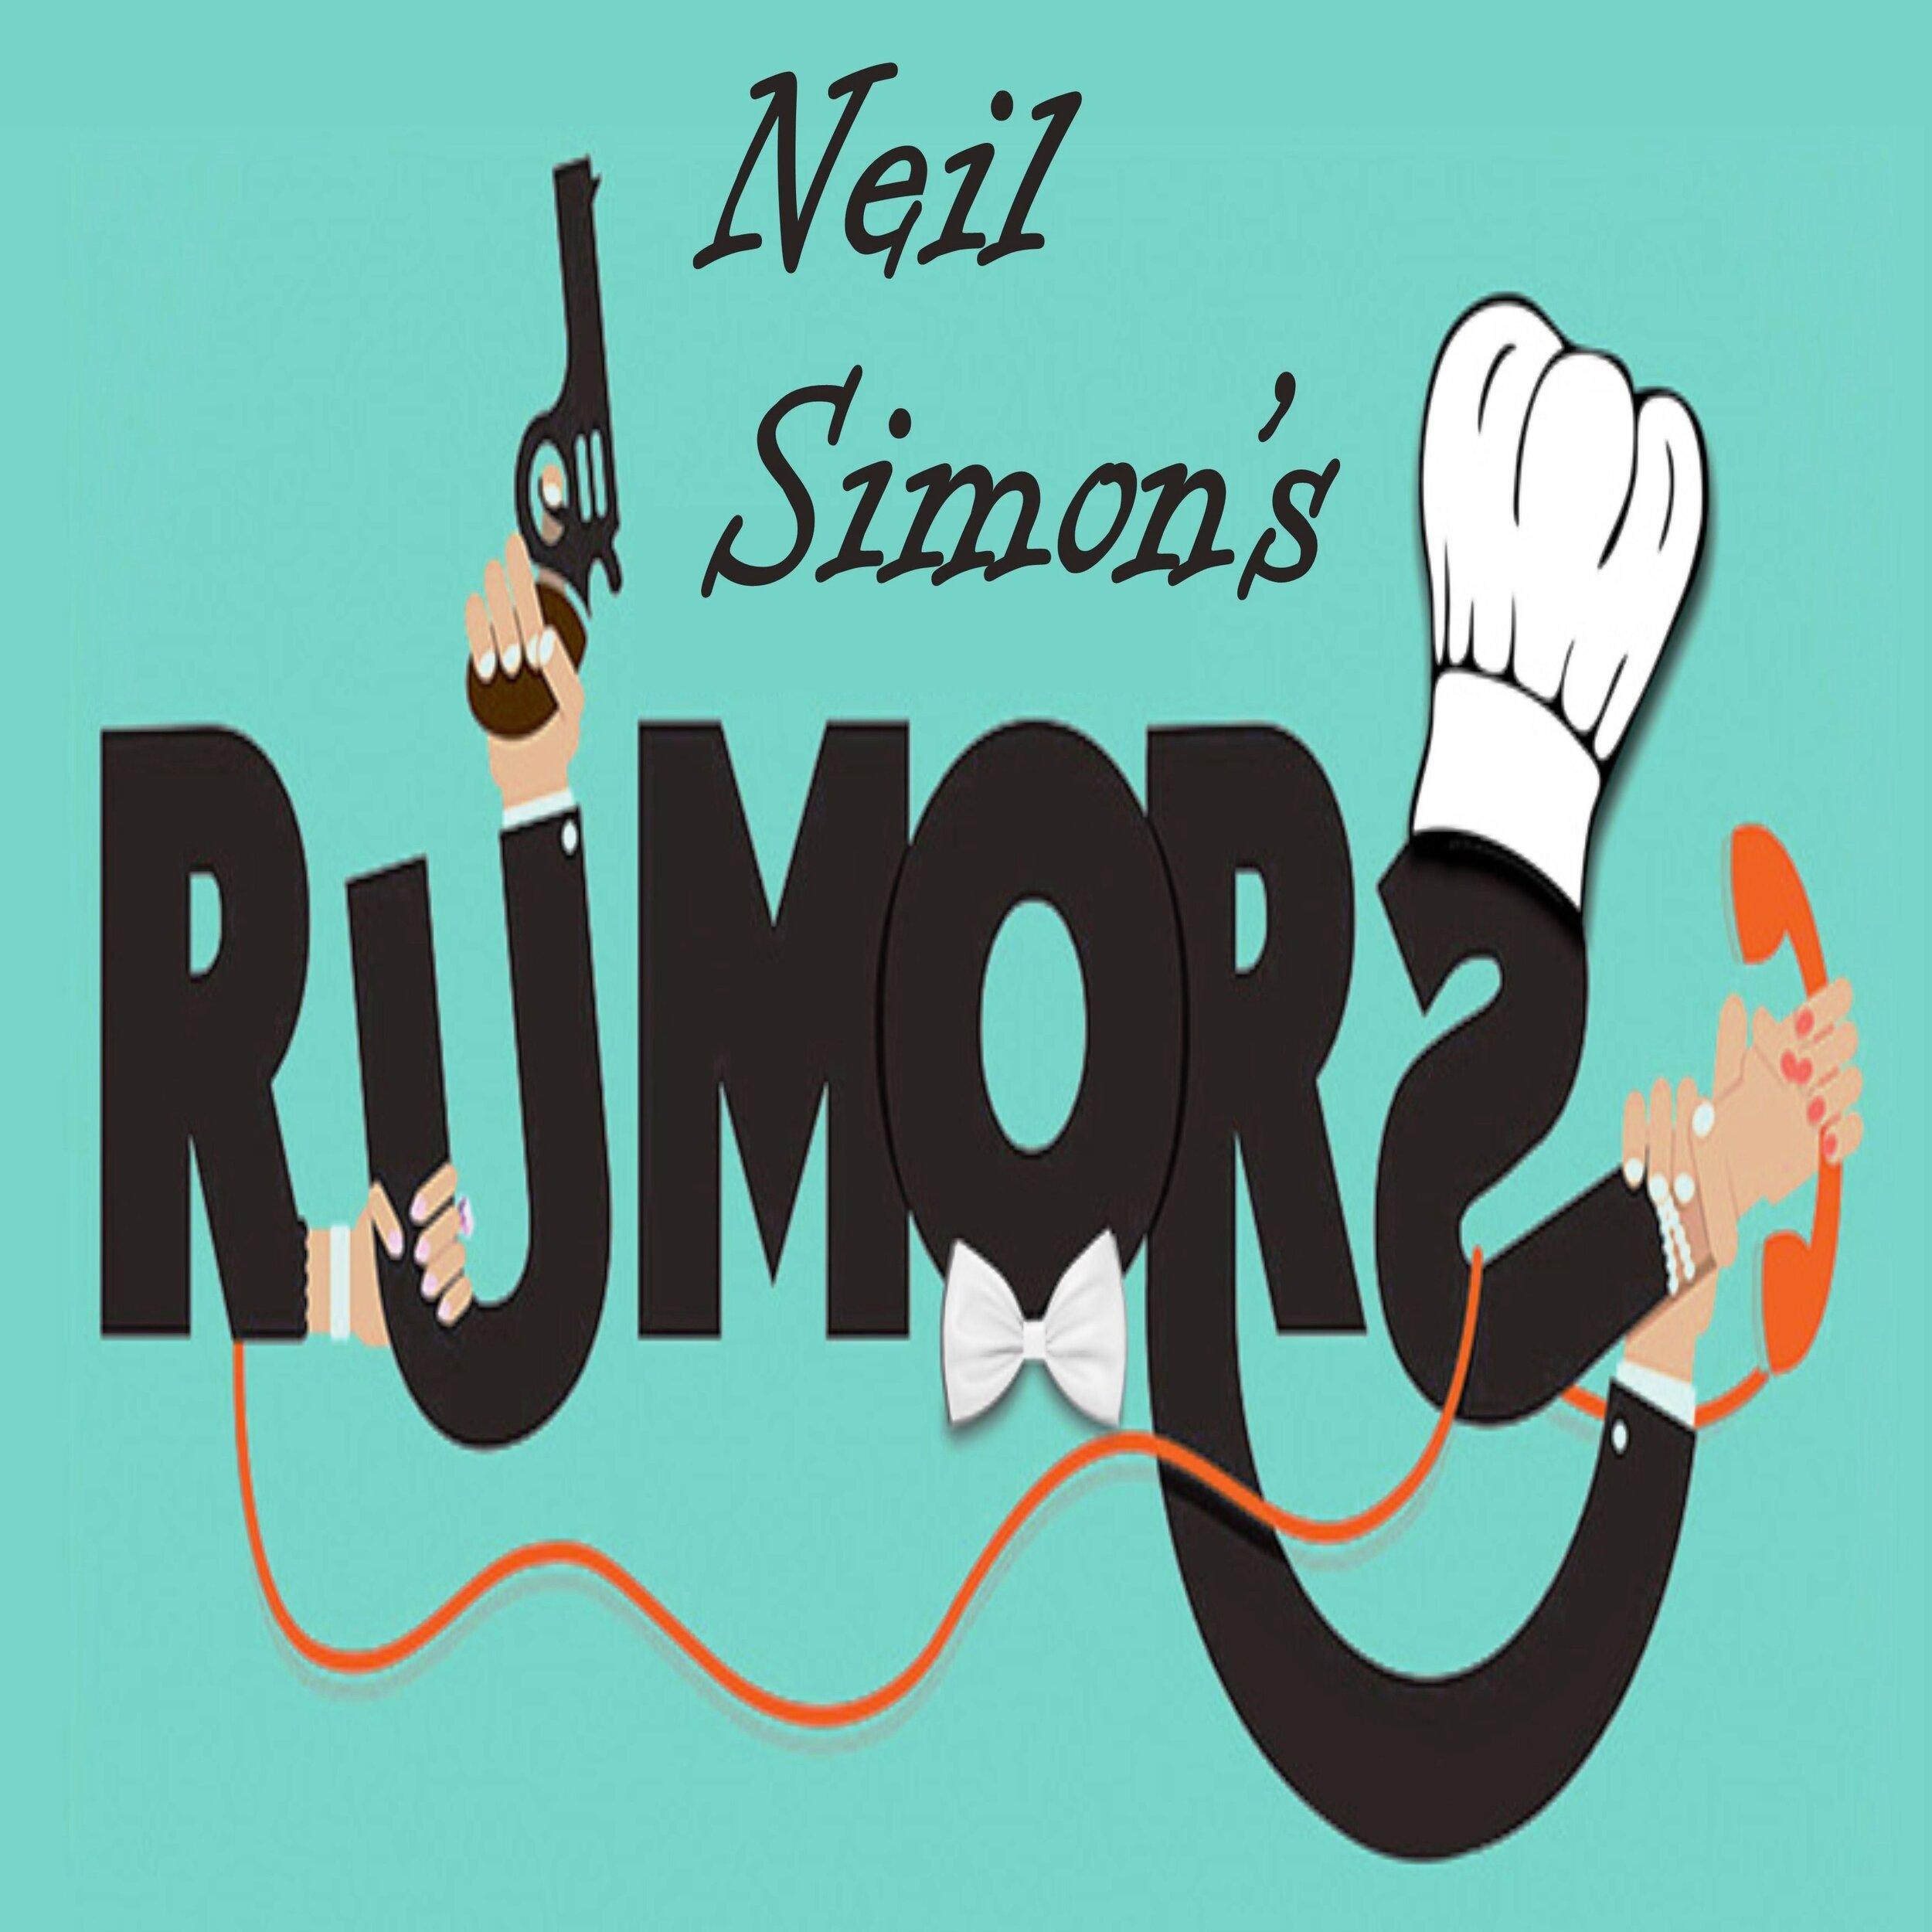 Rumors web image.jpg